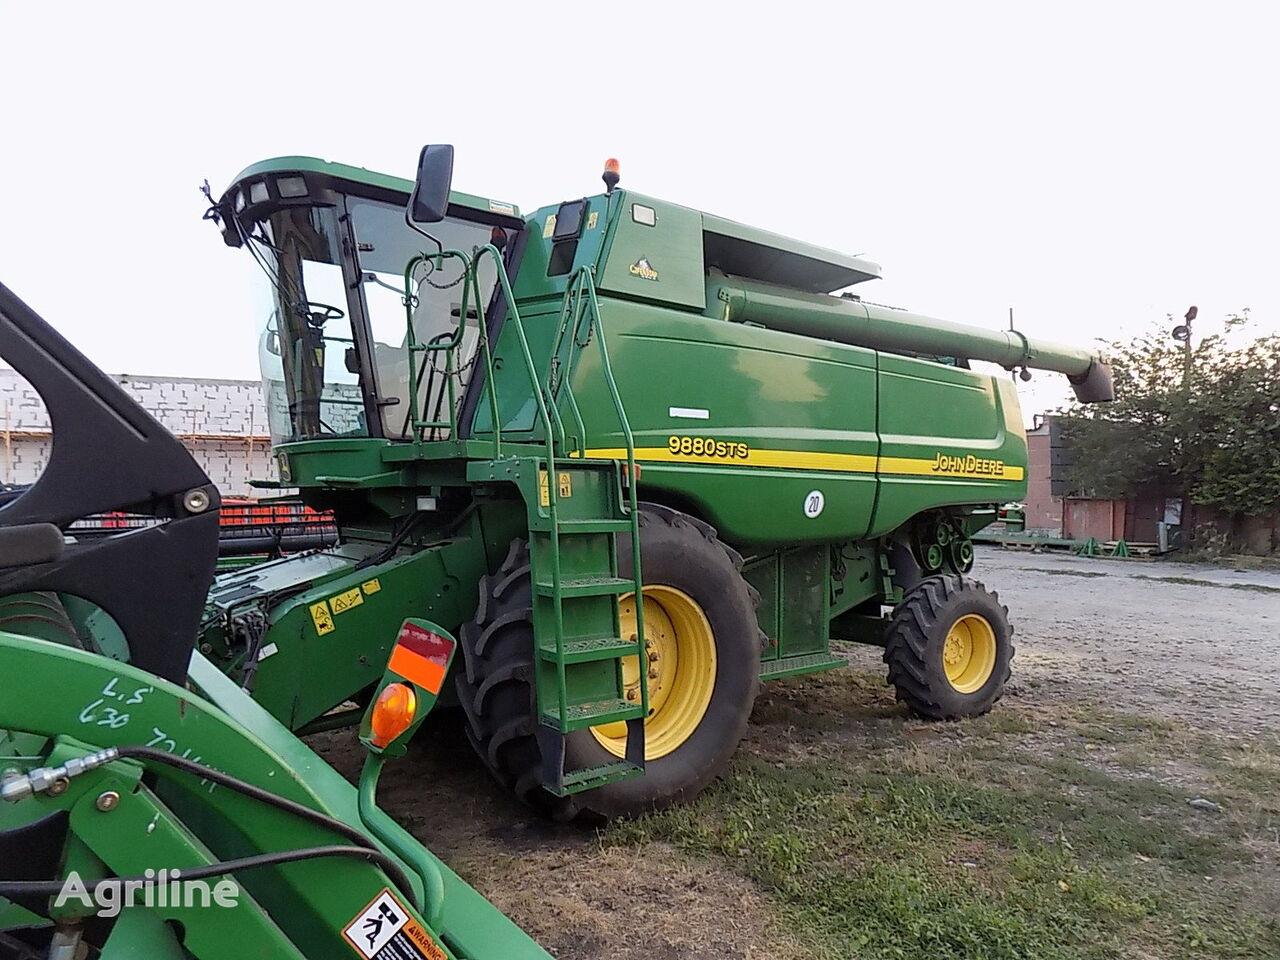 JOHN DEERE 9500 NA RAZBORKE grain harvester